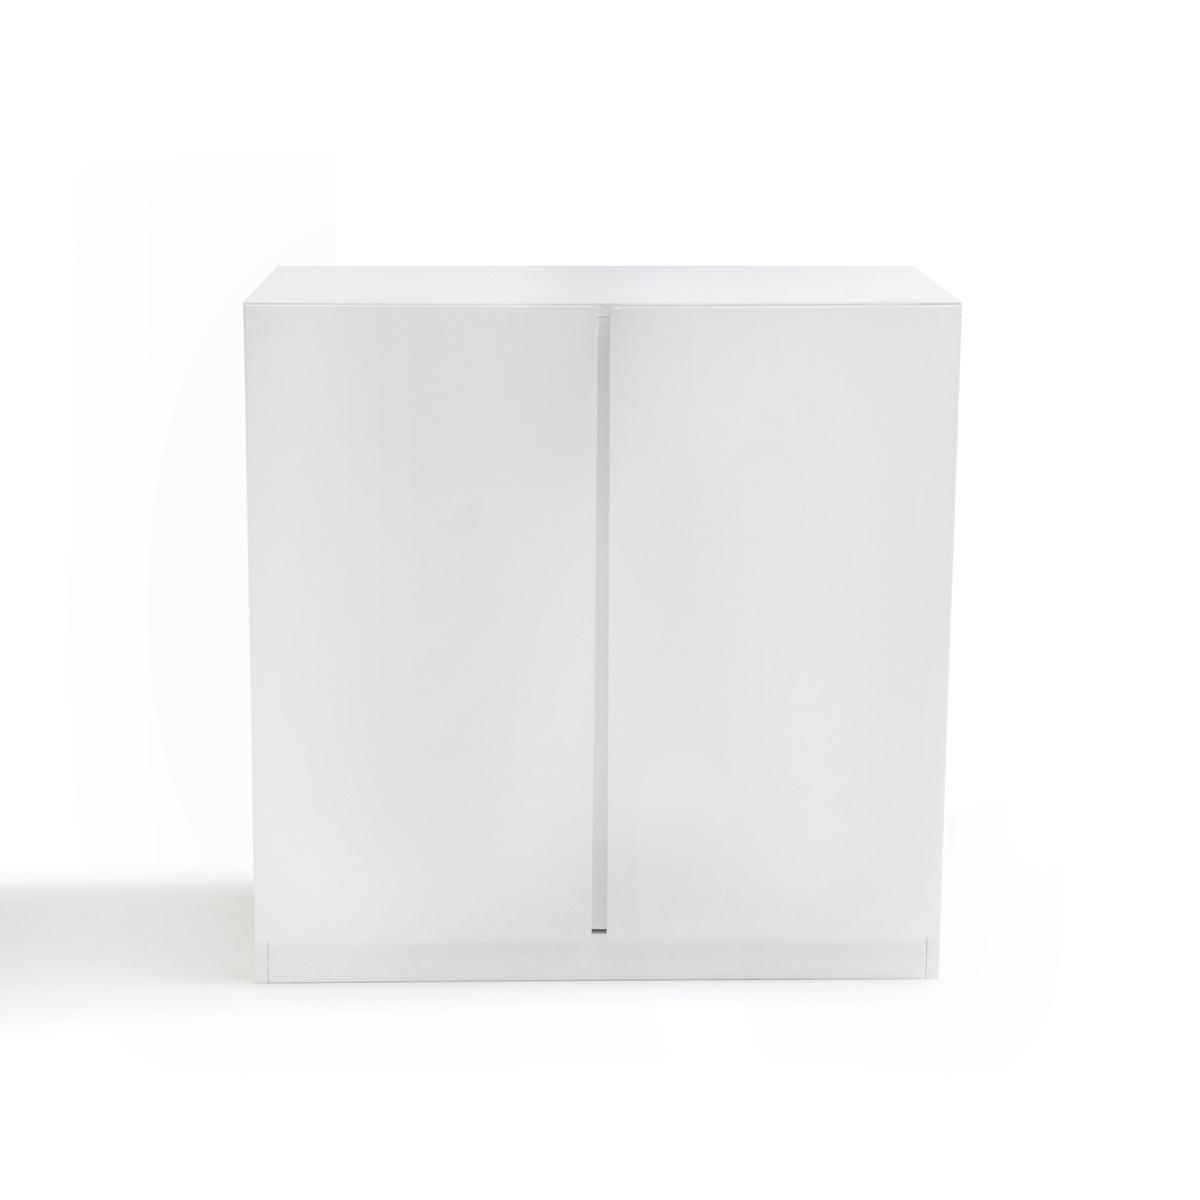 Шкаф LaRedoute Низкий с 2 дверцами LEO единый размер белый